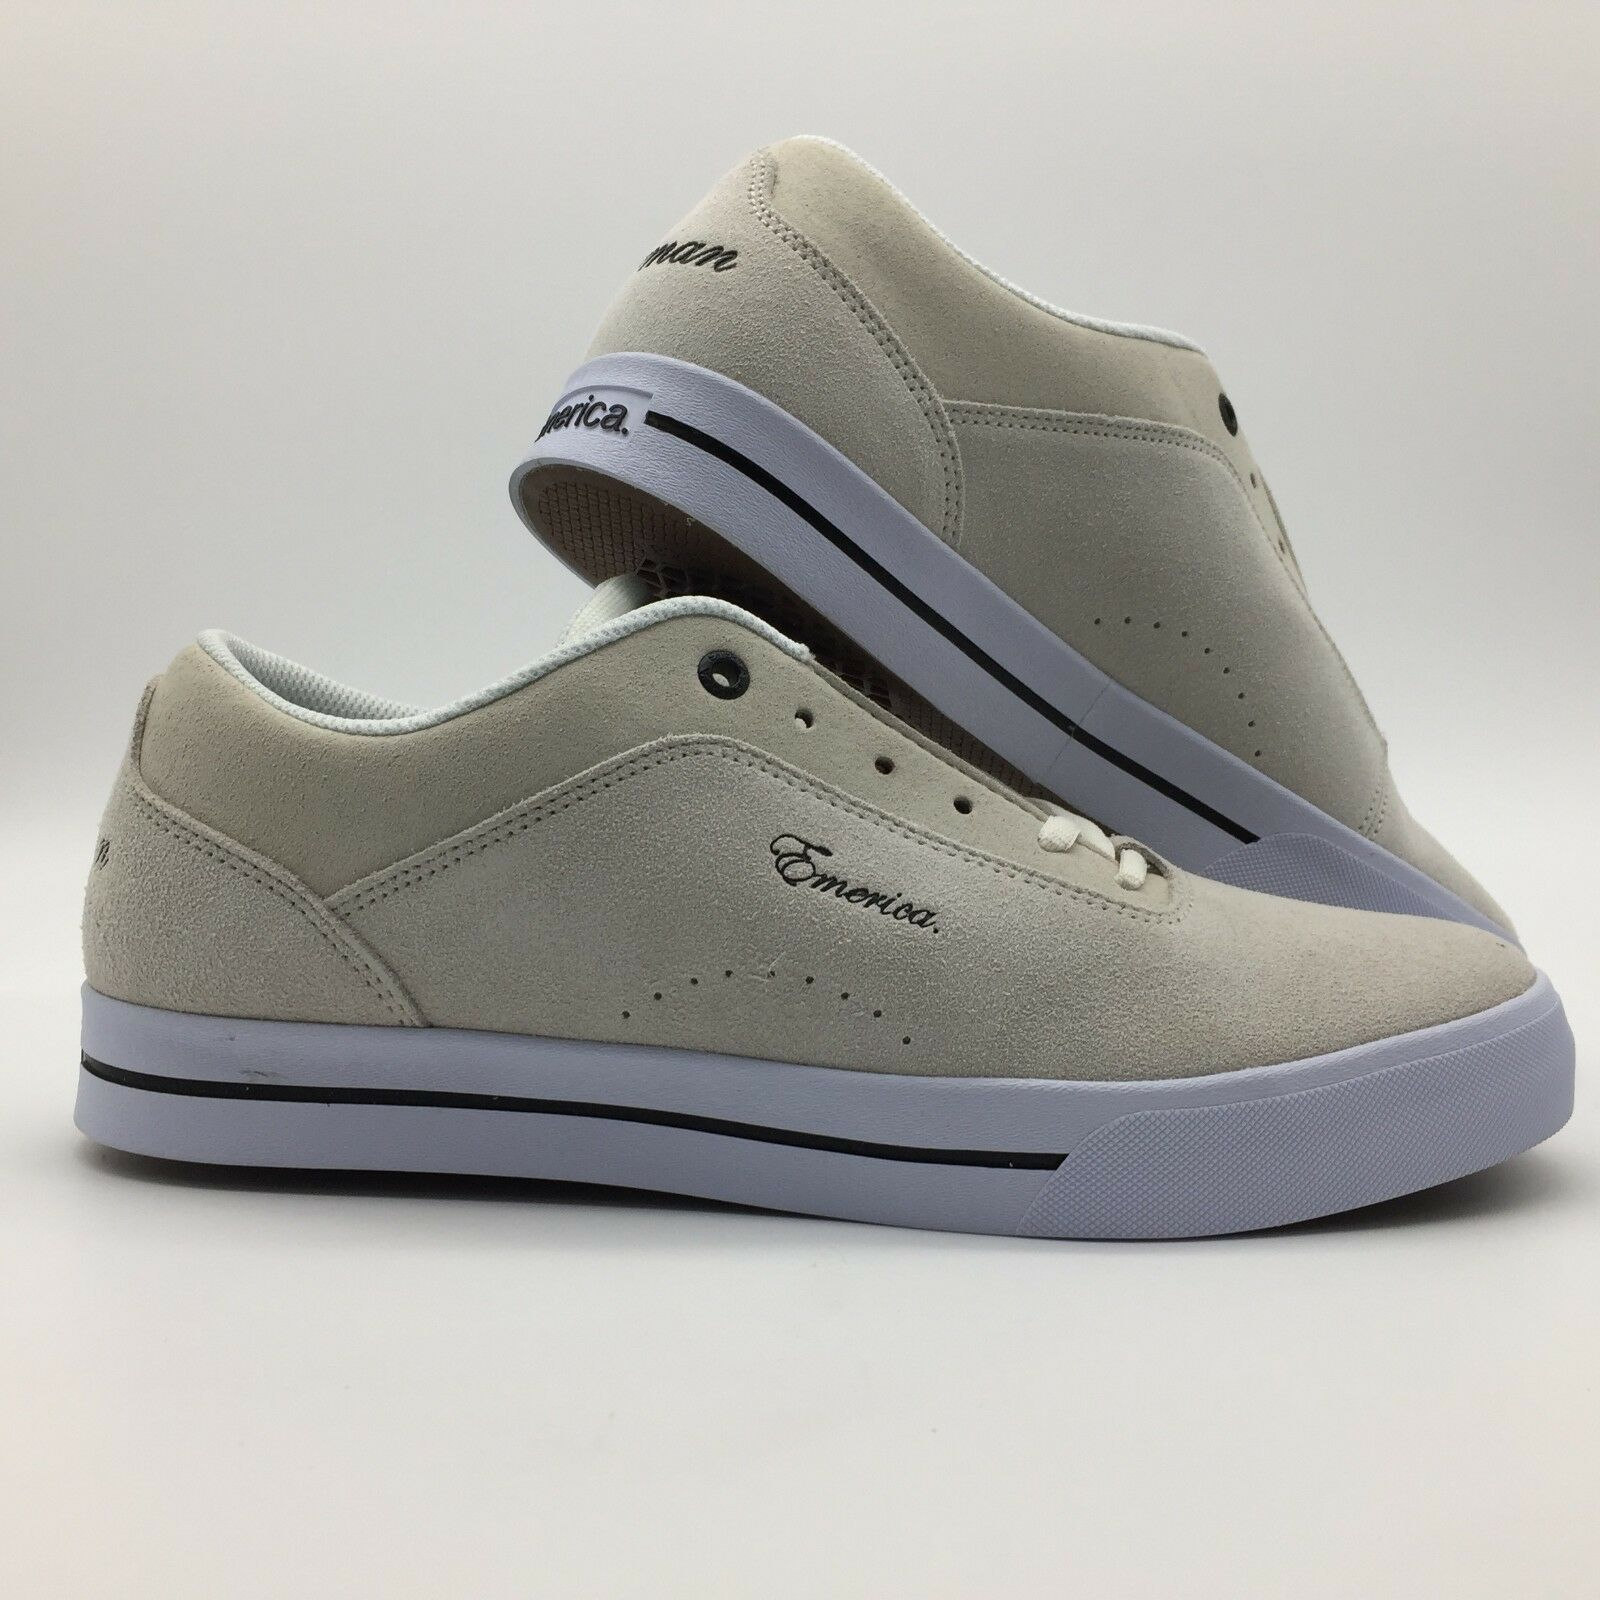 Emerica Herren Schuhe   G-Code Re-Up   Weiß Weiß Skateschuhe     |  | Große Auswahl  | Fein Verarbeitet